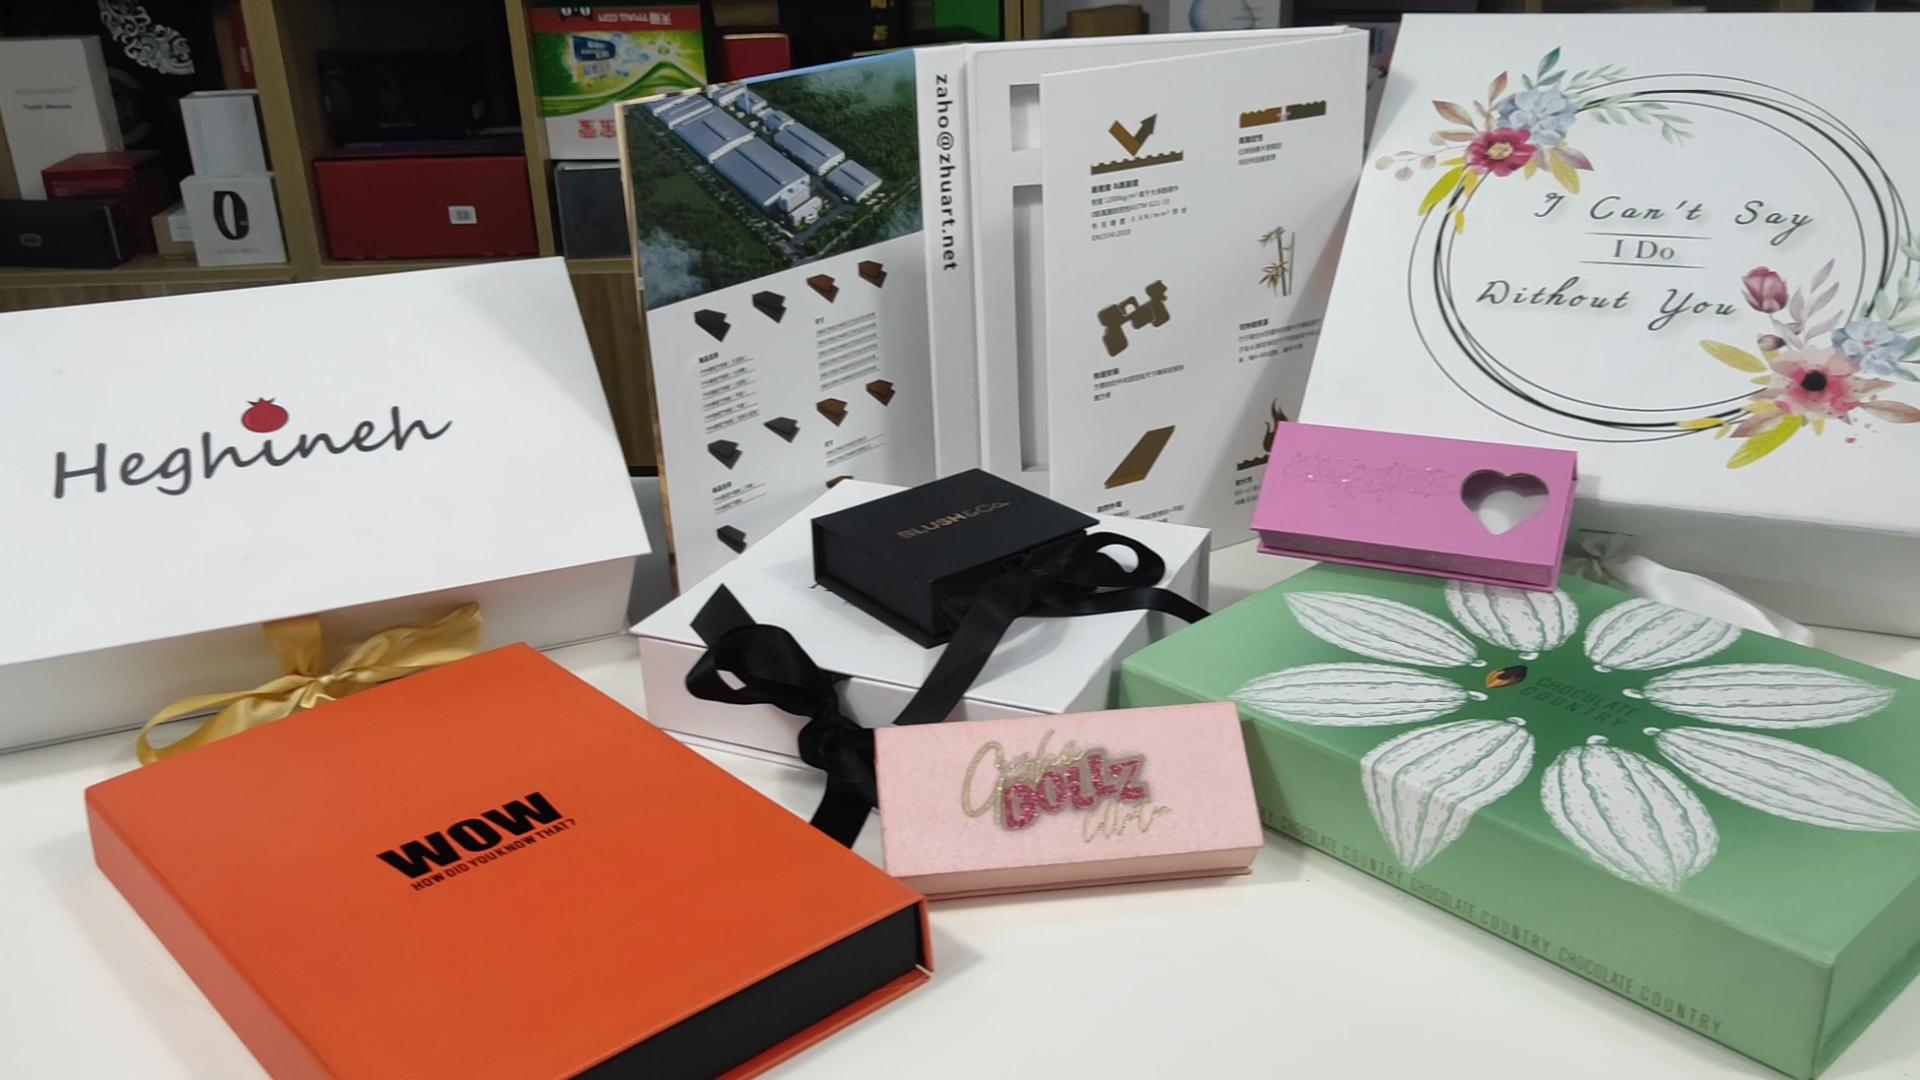 Bavul favor hediye kutusu düğün karton saklama kutusu kutuları yumuşak koruyun insert düşük MOQ özelleştirmek